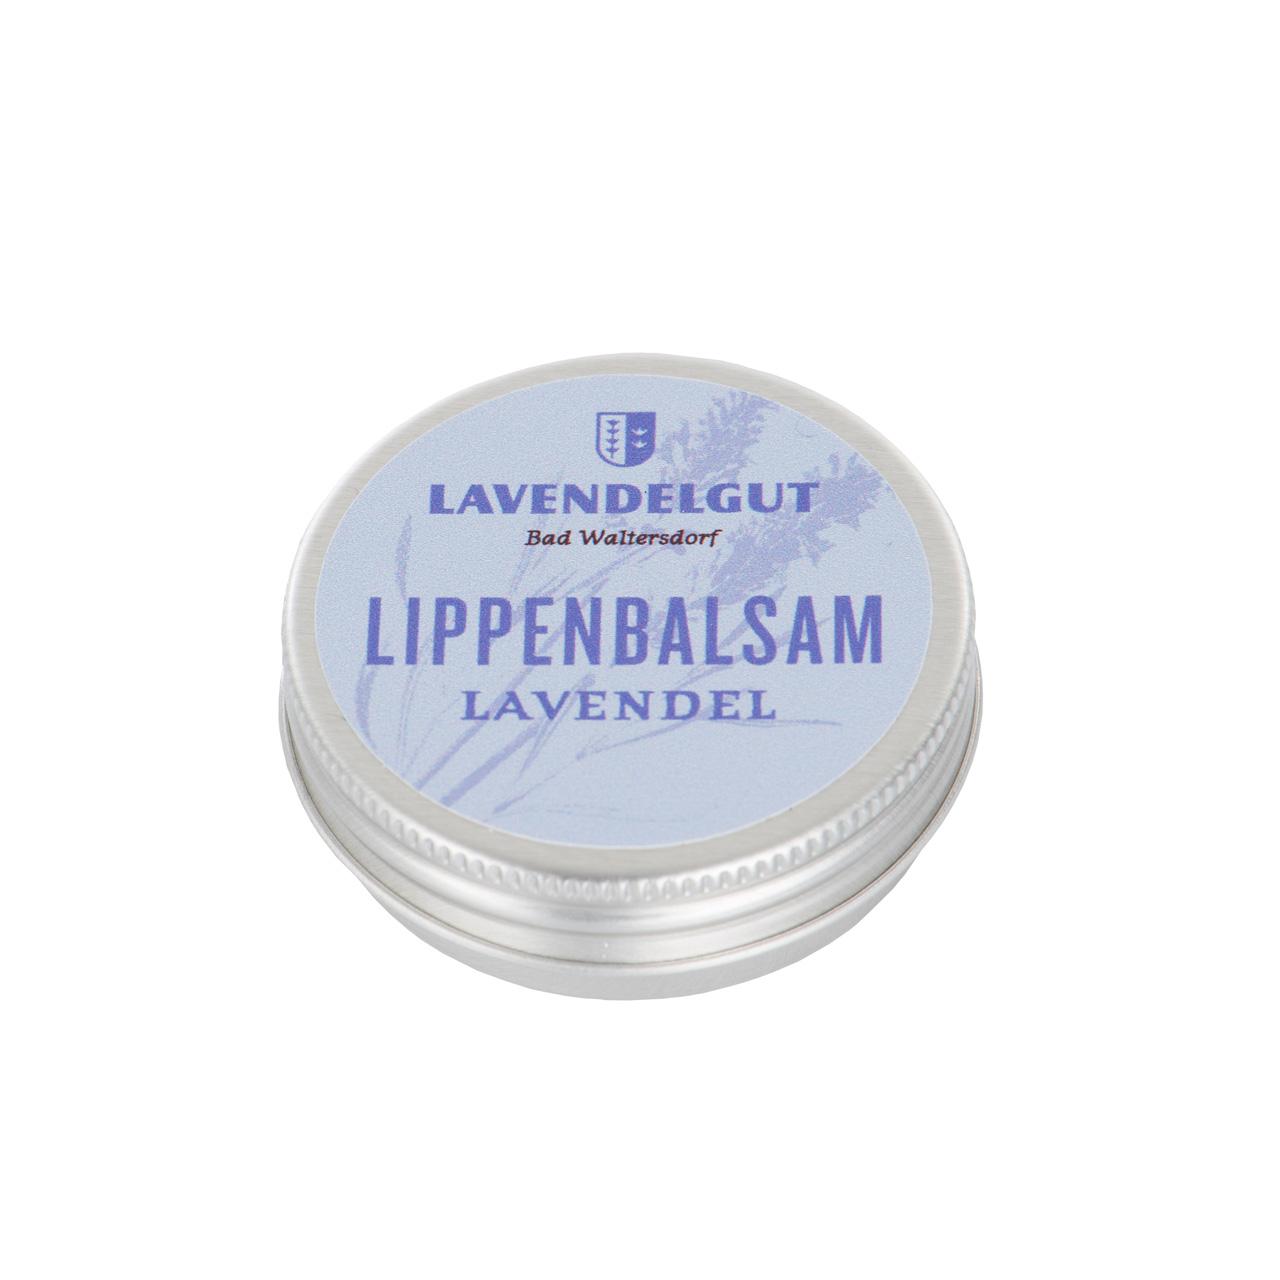 Lavendel Lippenbalsam, 8 g